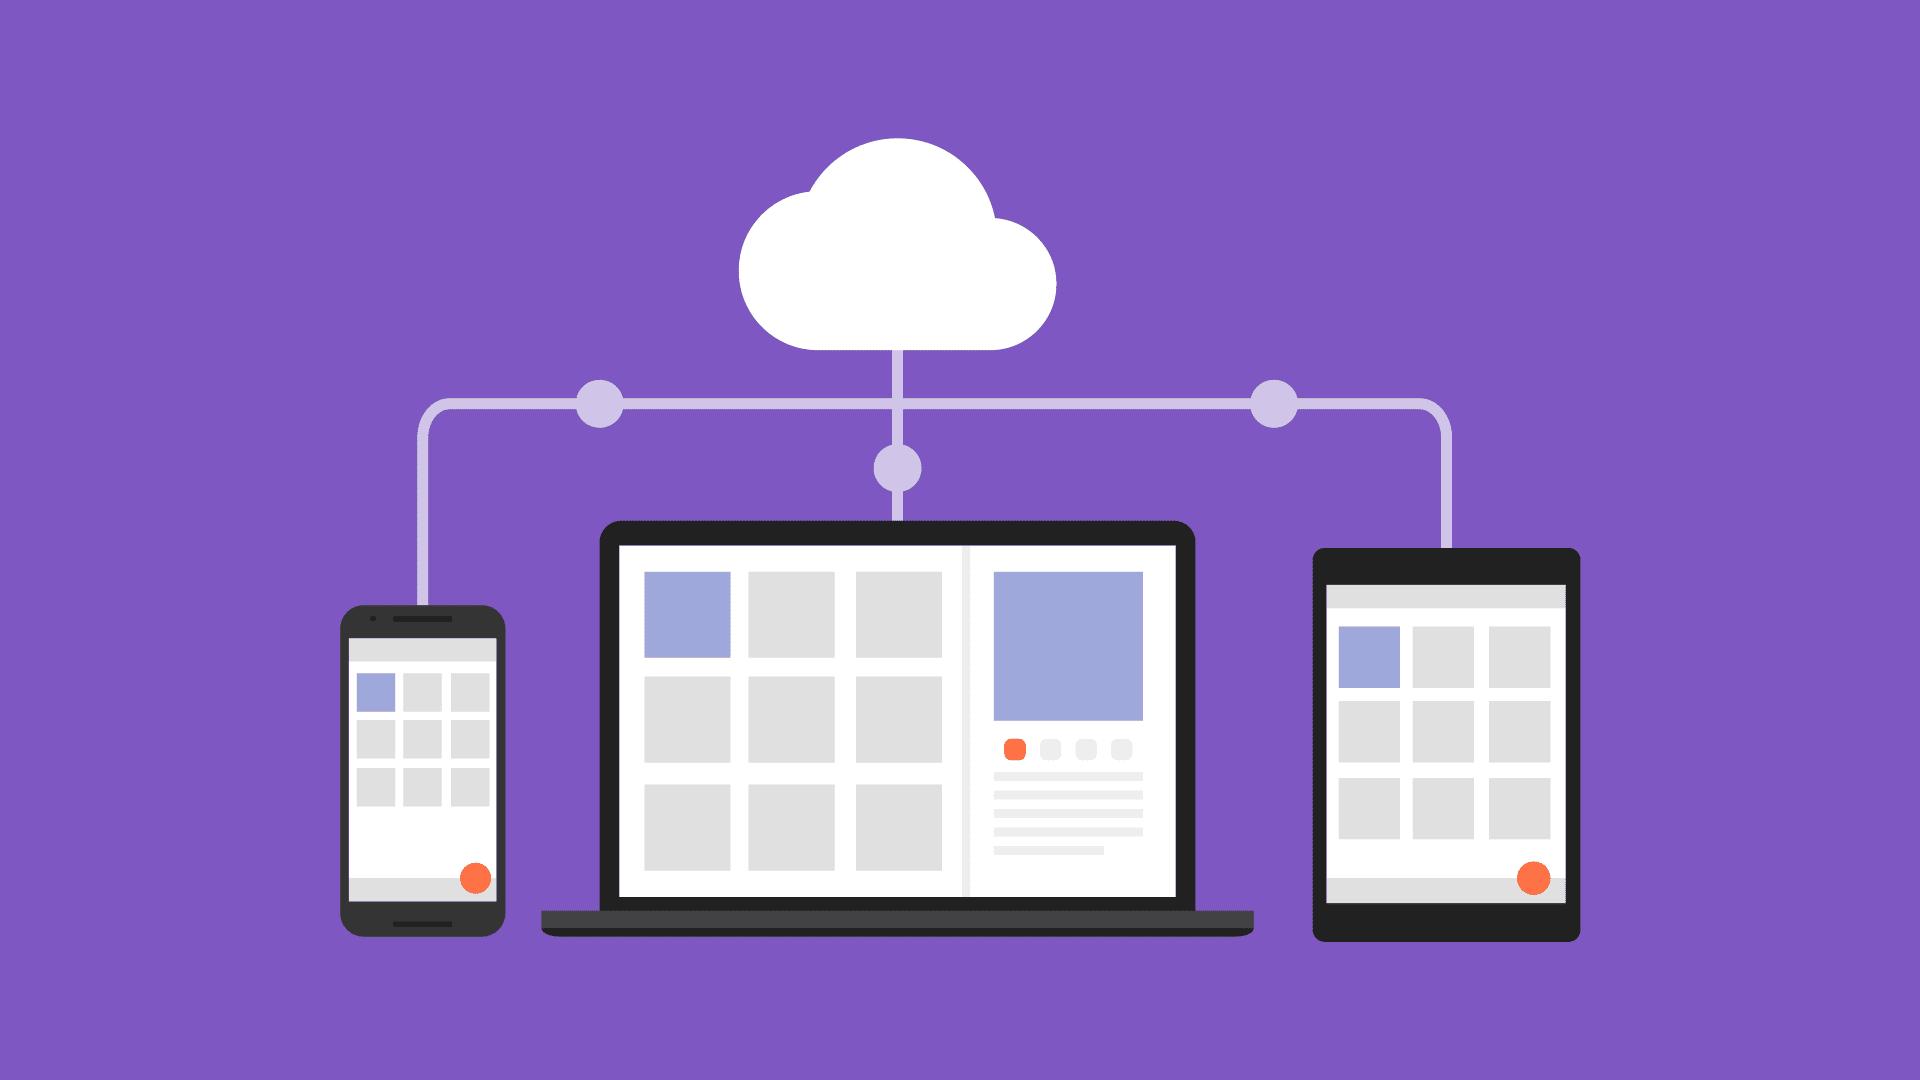 Ilustrasi perangkat seluler dan laptop